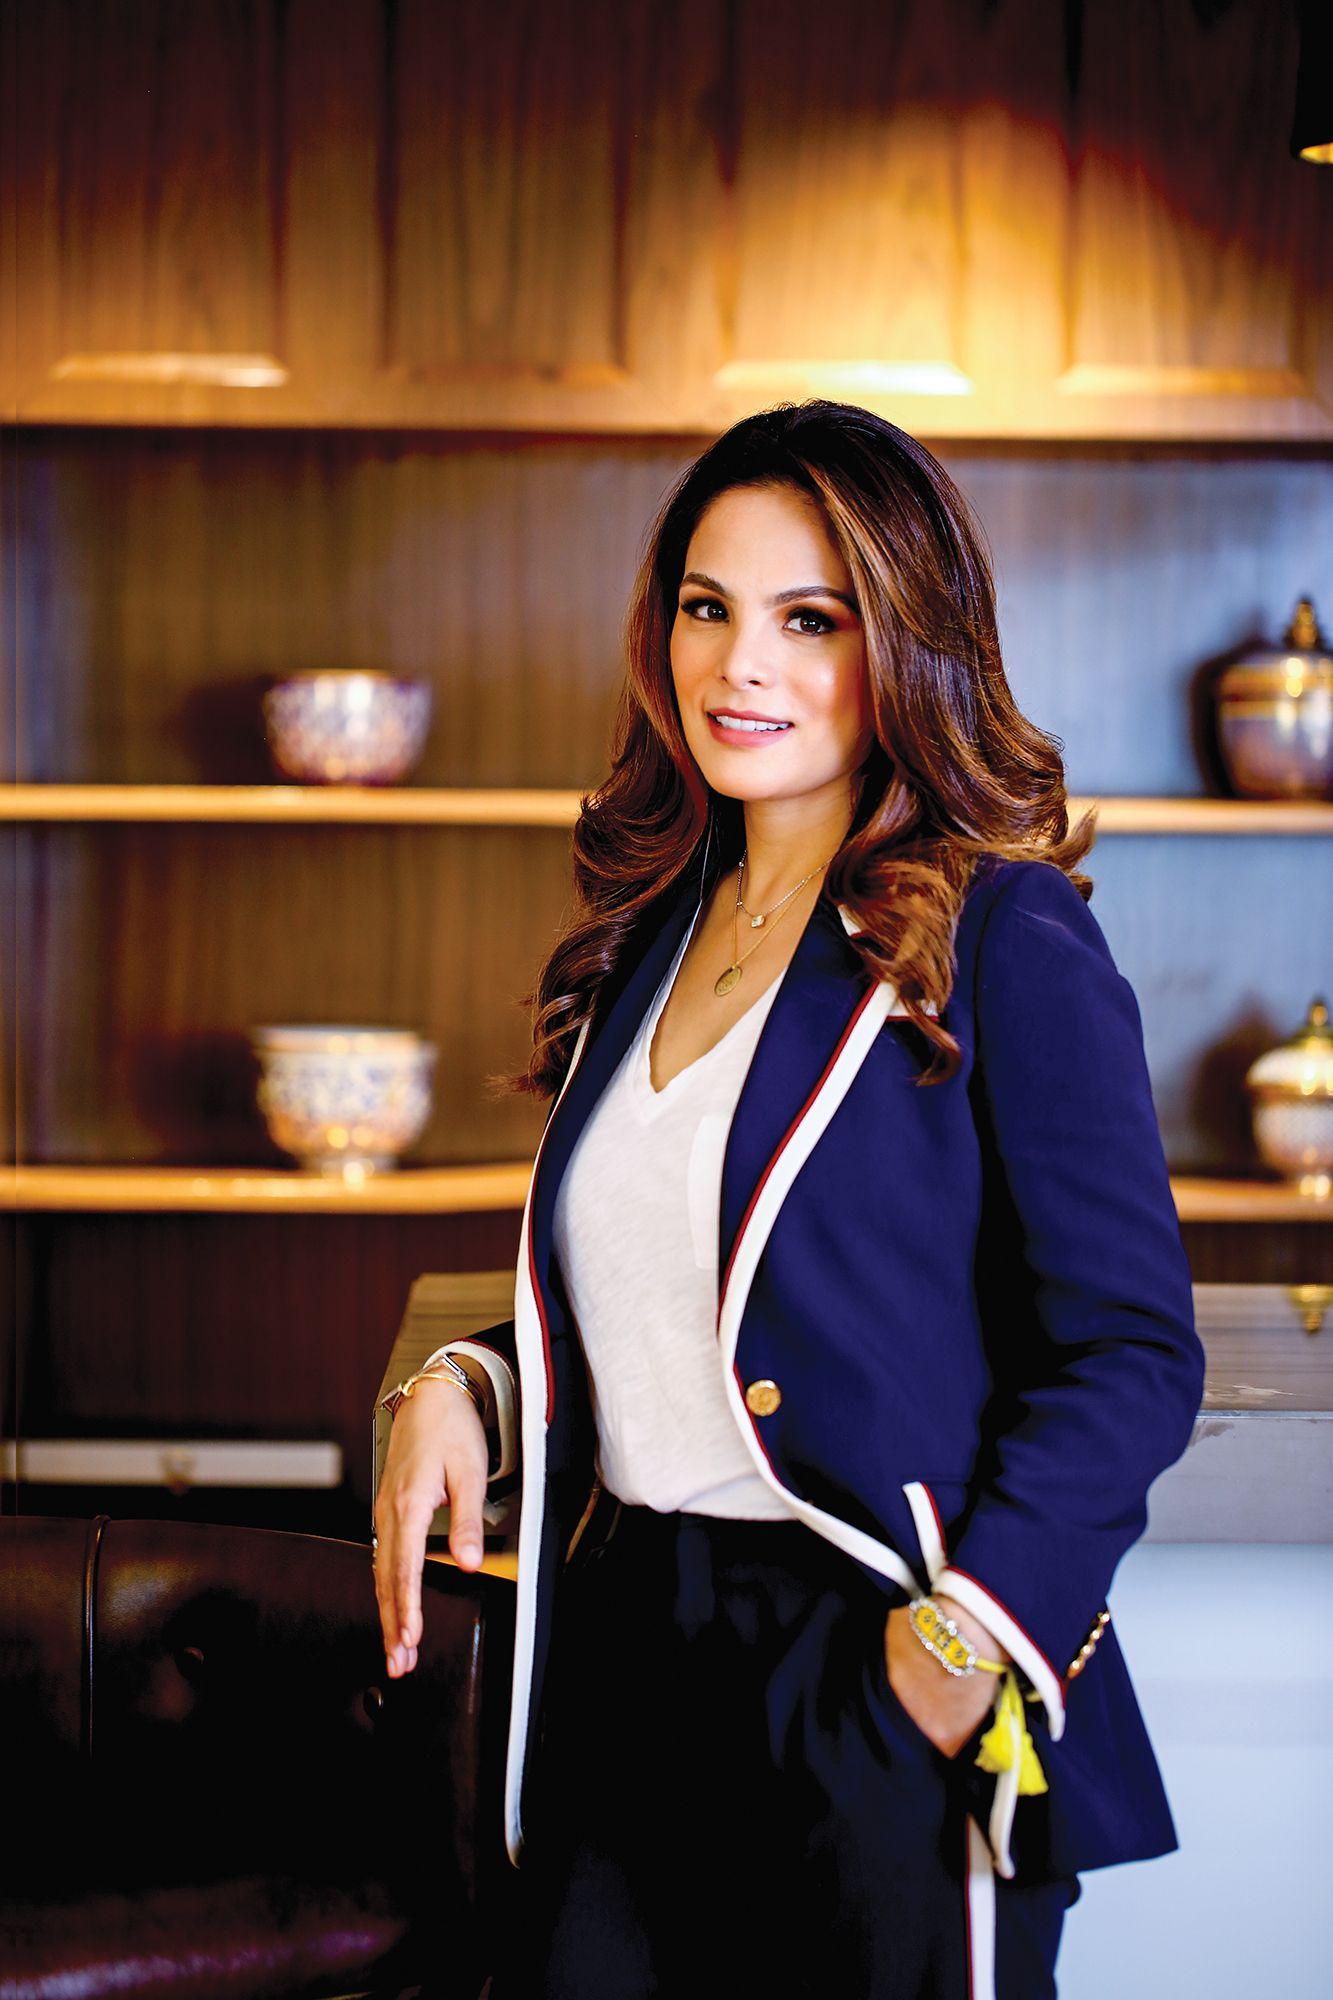 Style Profile: Monique Borja-Gonzalez